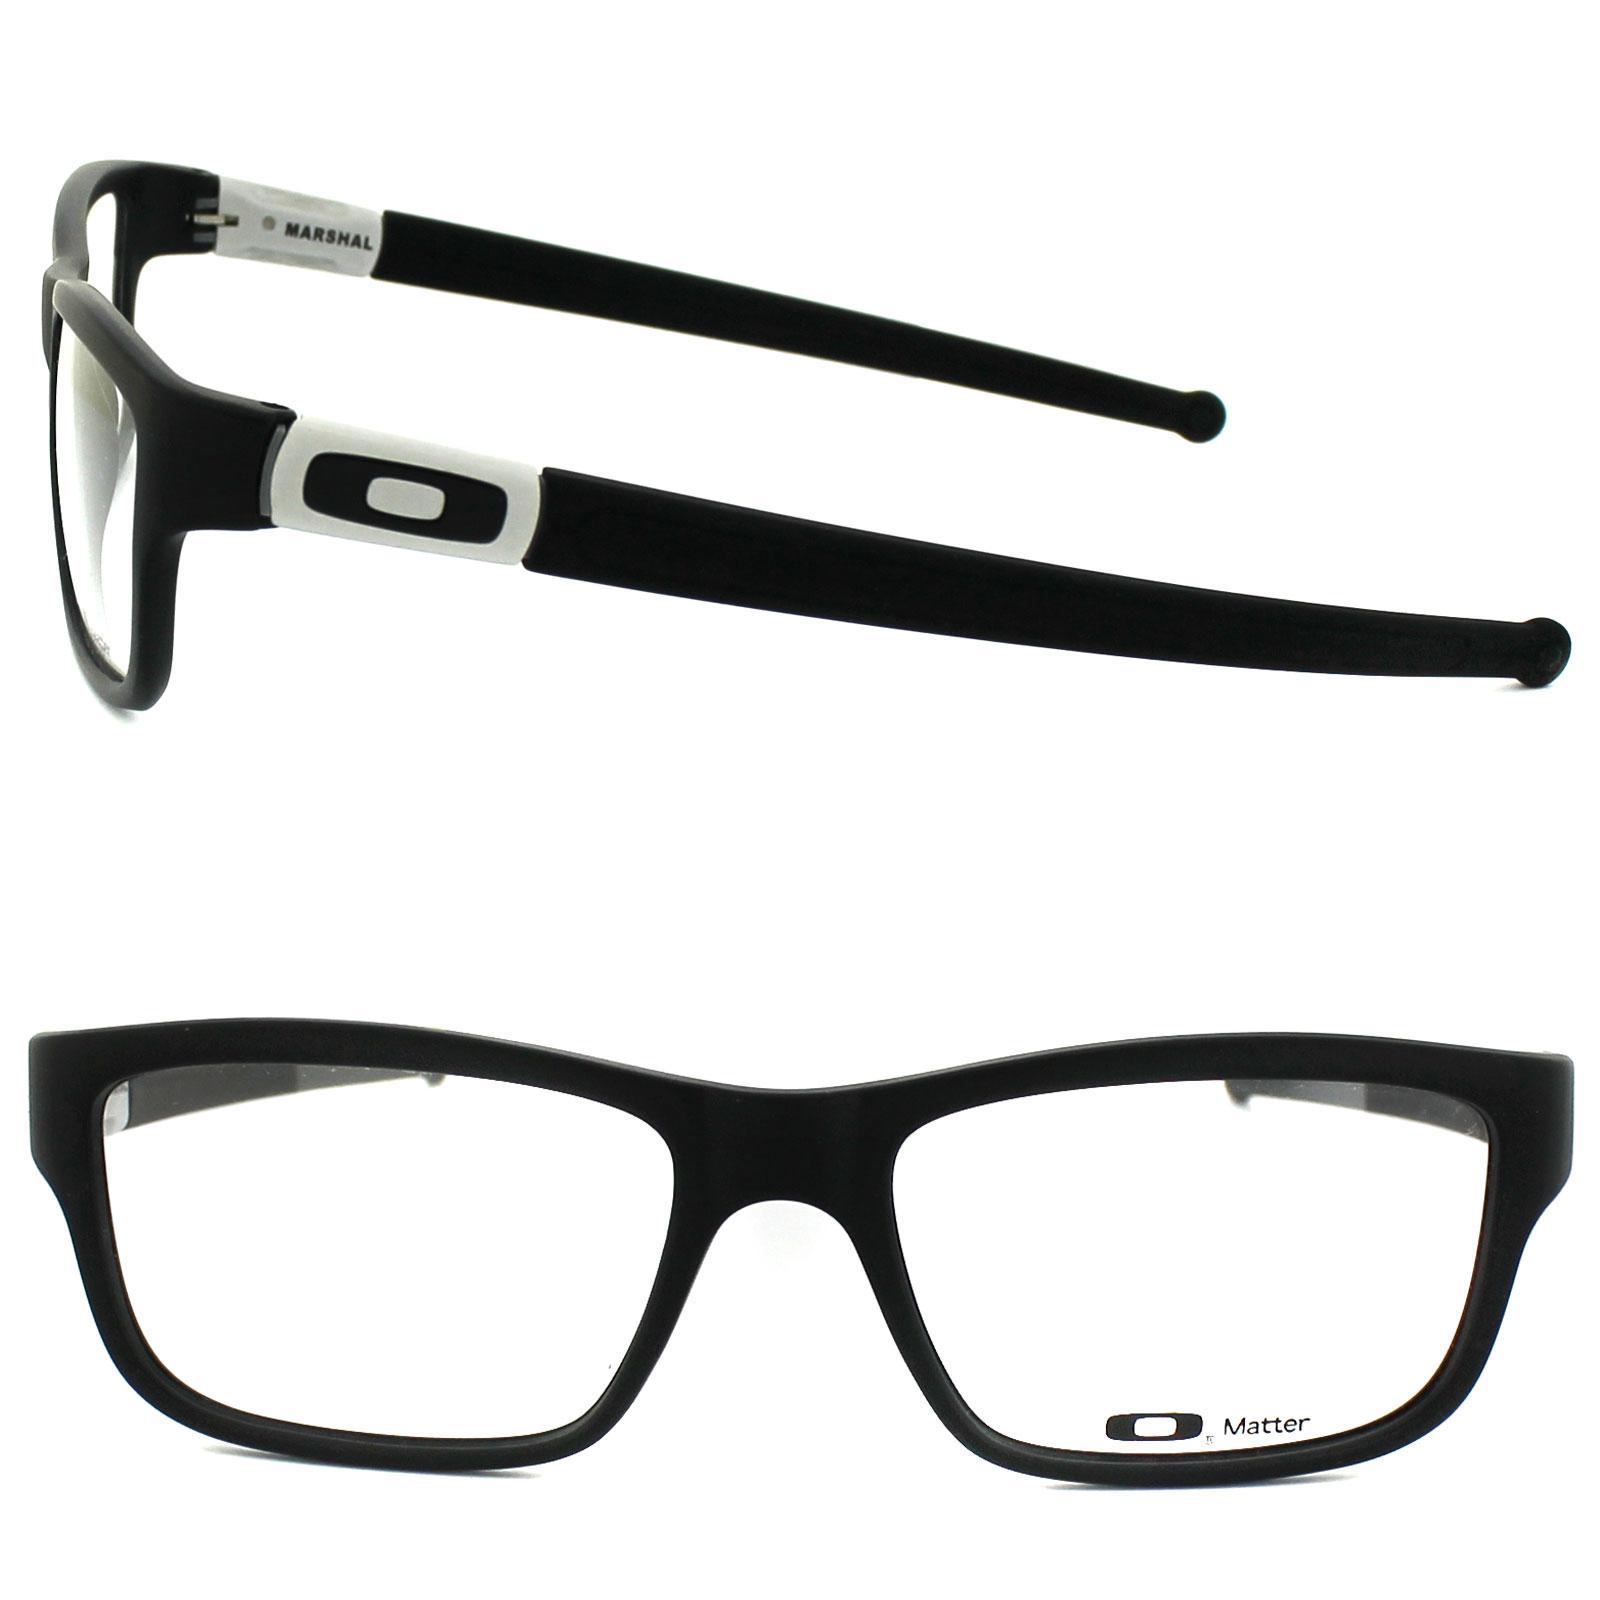 Discontinued Oakley Eyeglass Frames | Louisiana Bucket Brigade